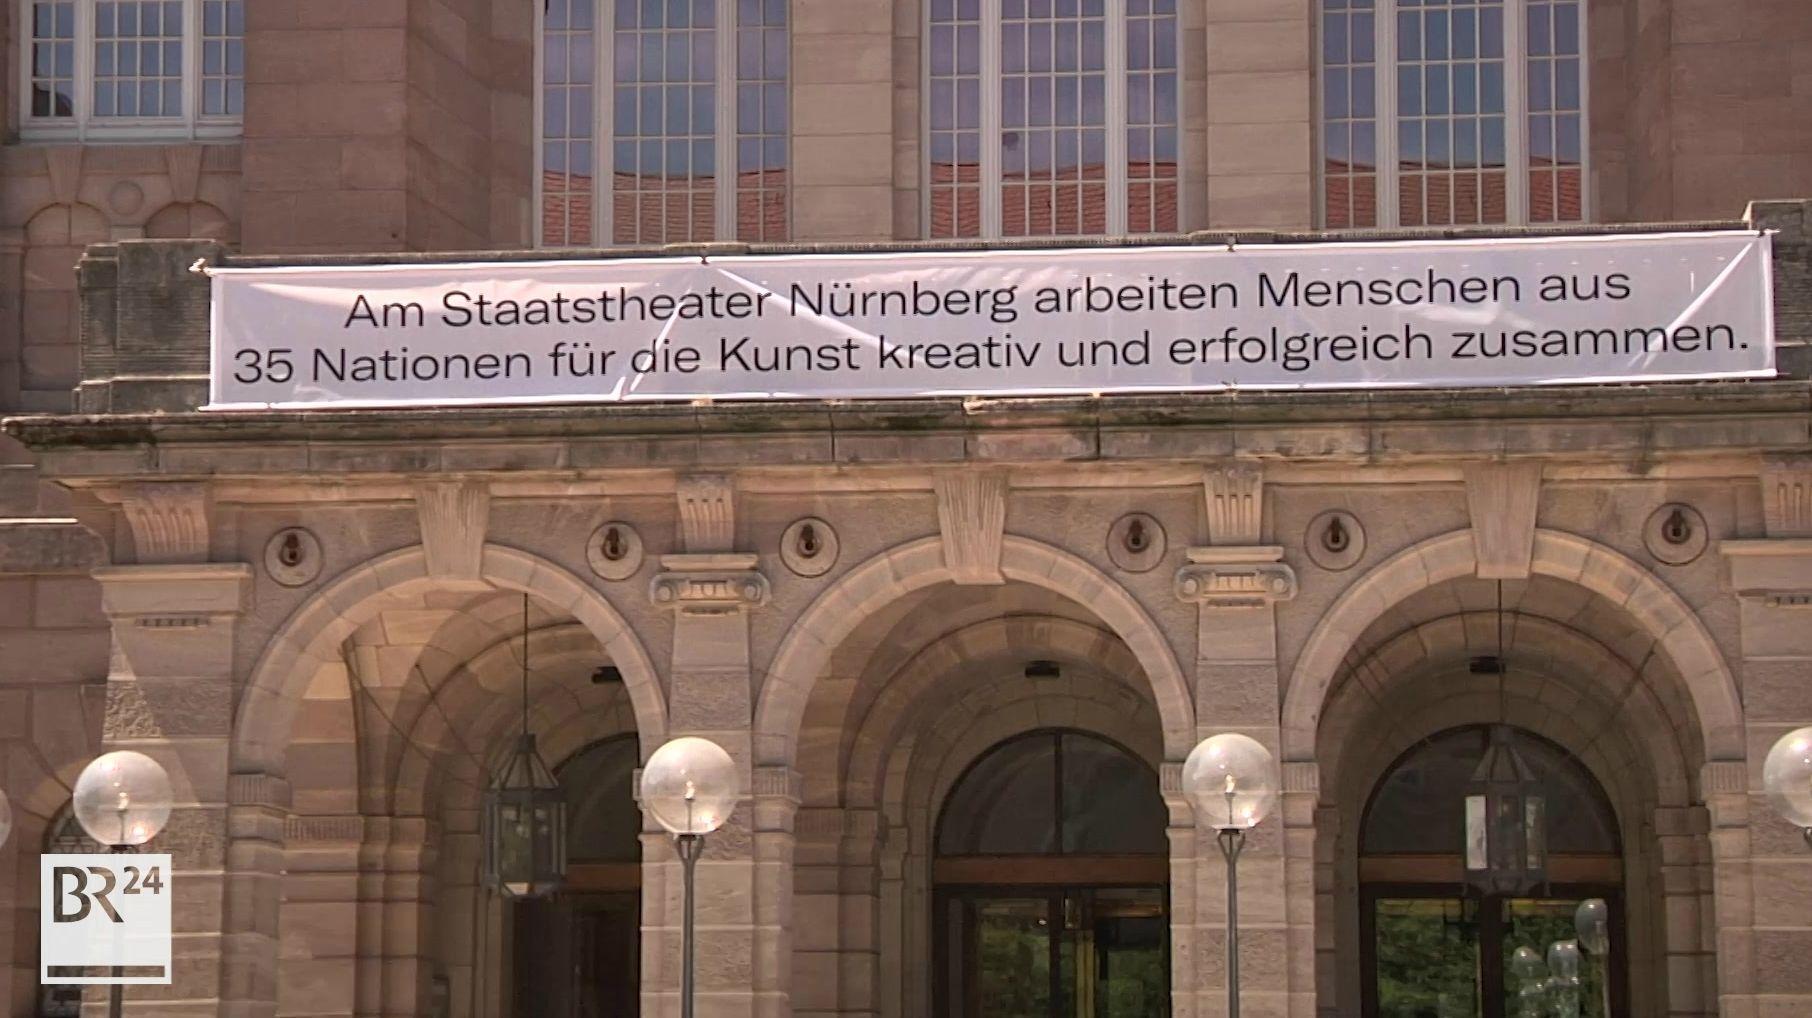 Das Staatstheater Nürnberg zeigt mit einem Banner Haltung gegen Rechts.